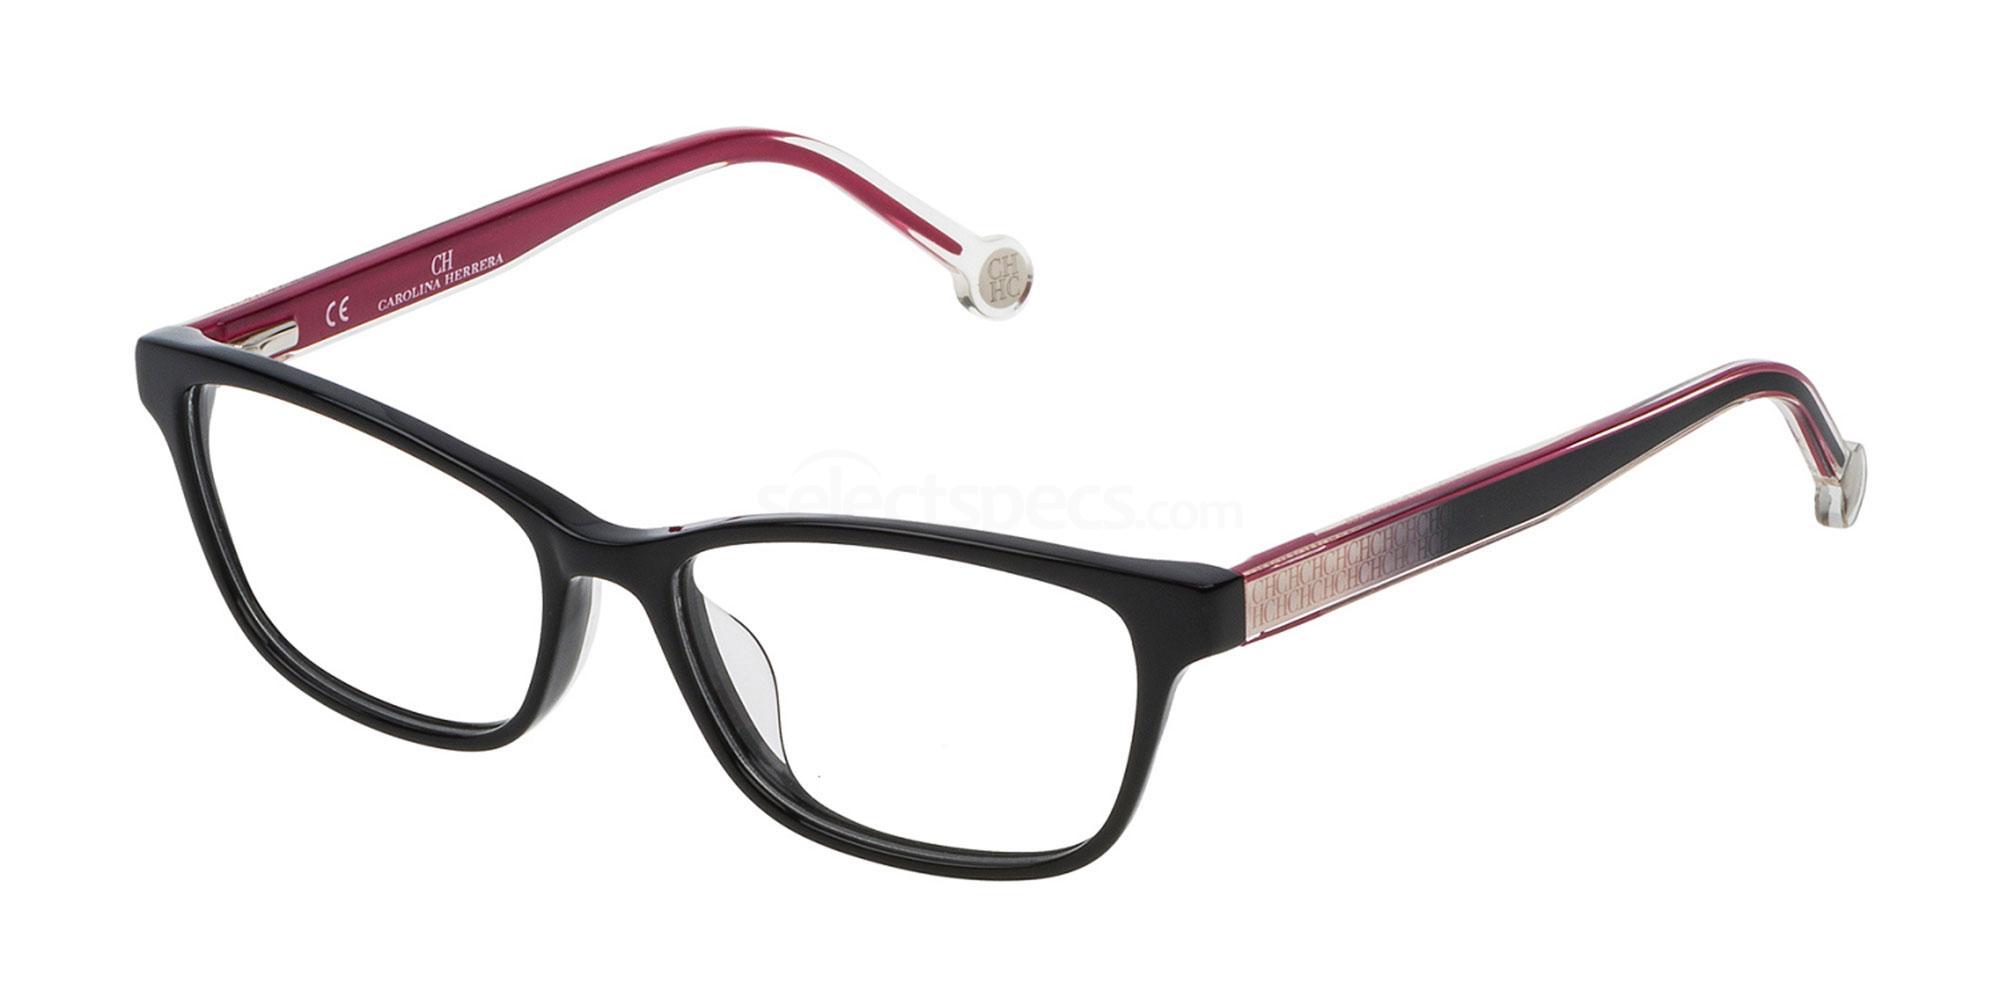 0700 VHE725L Glasses, CH Carolina Herrera